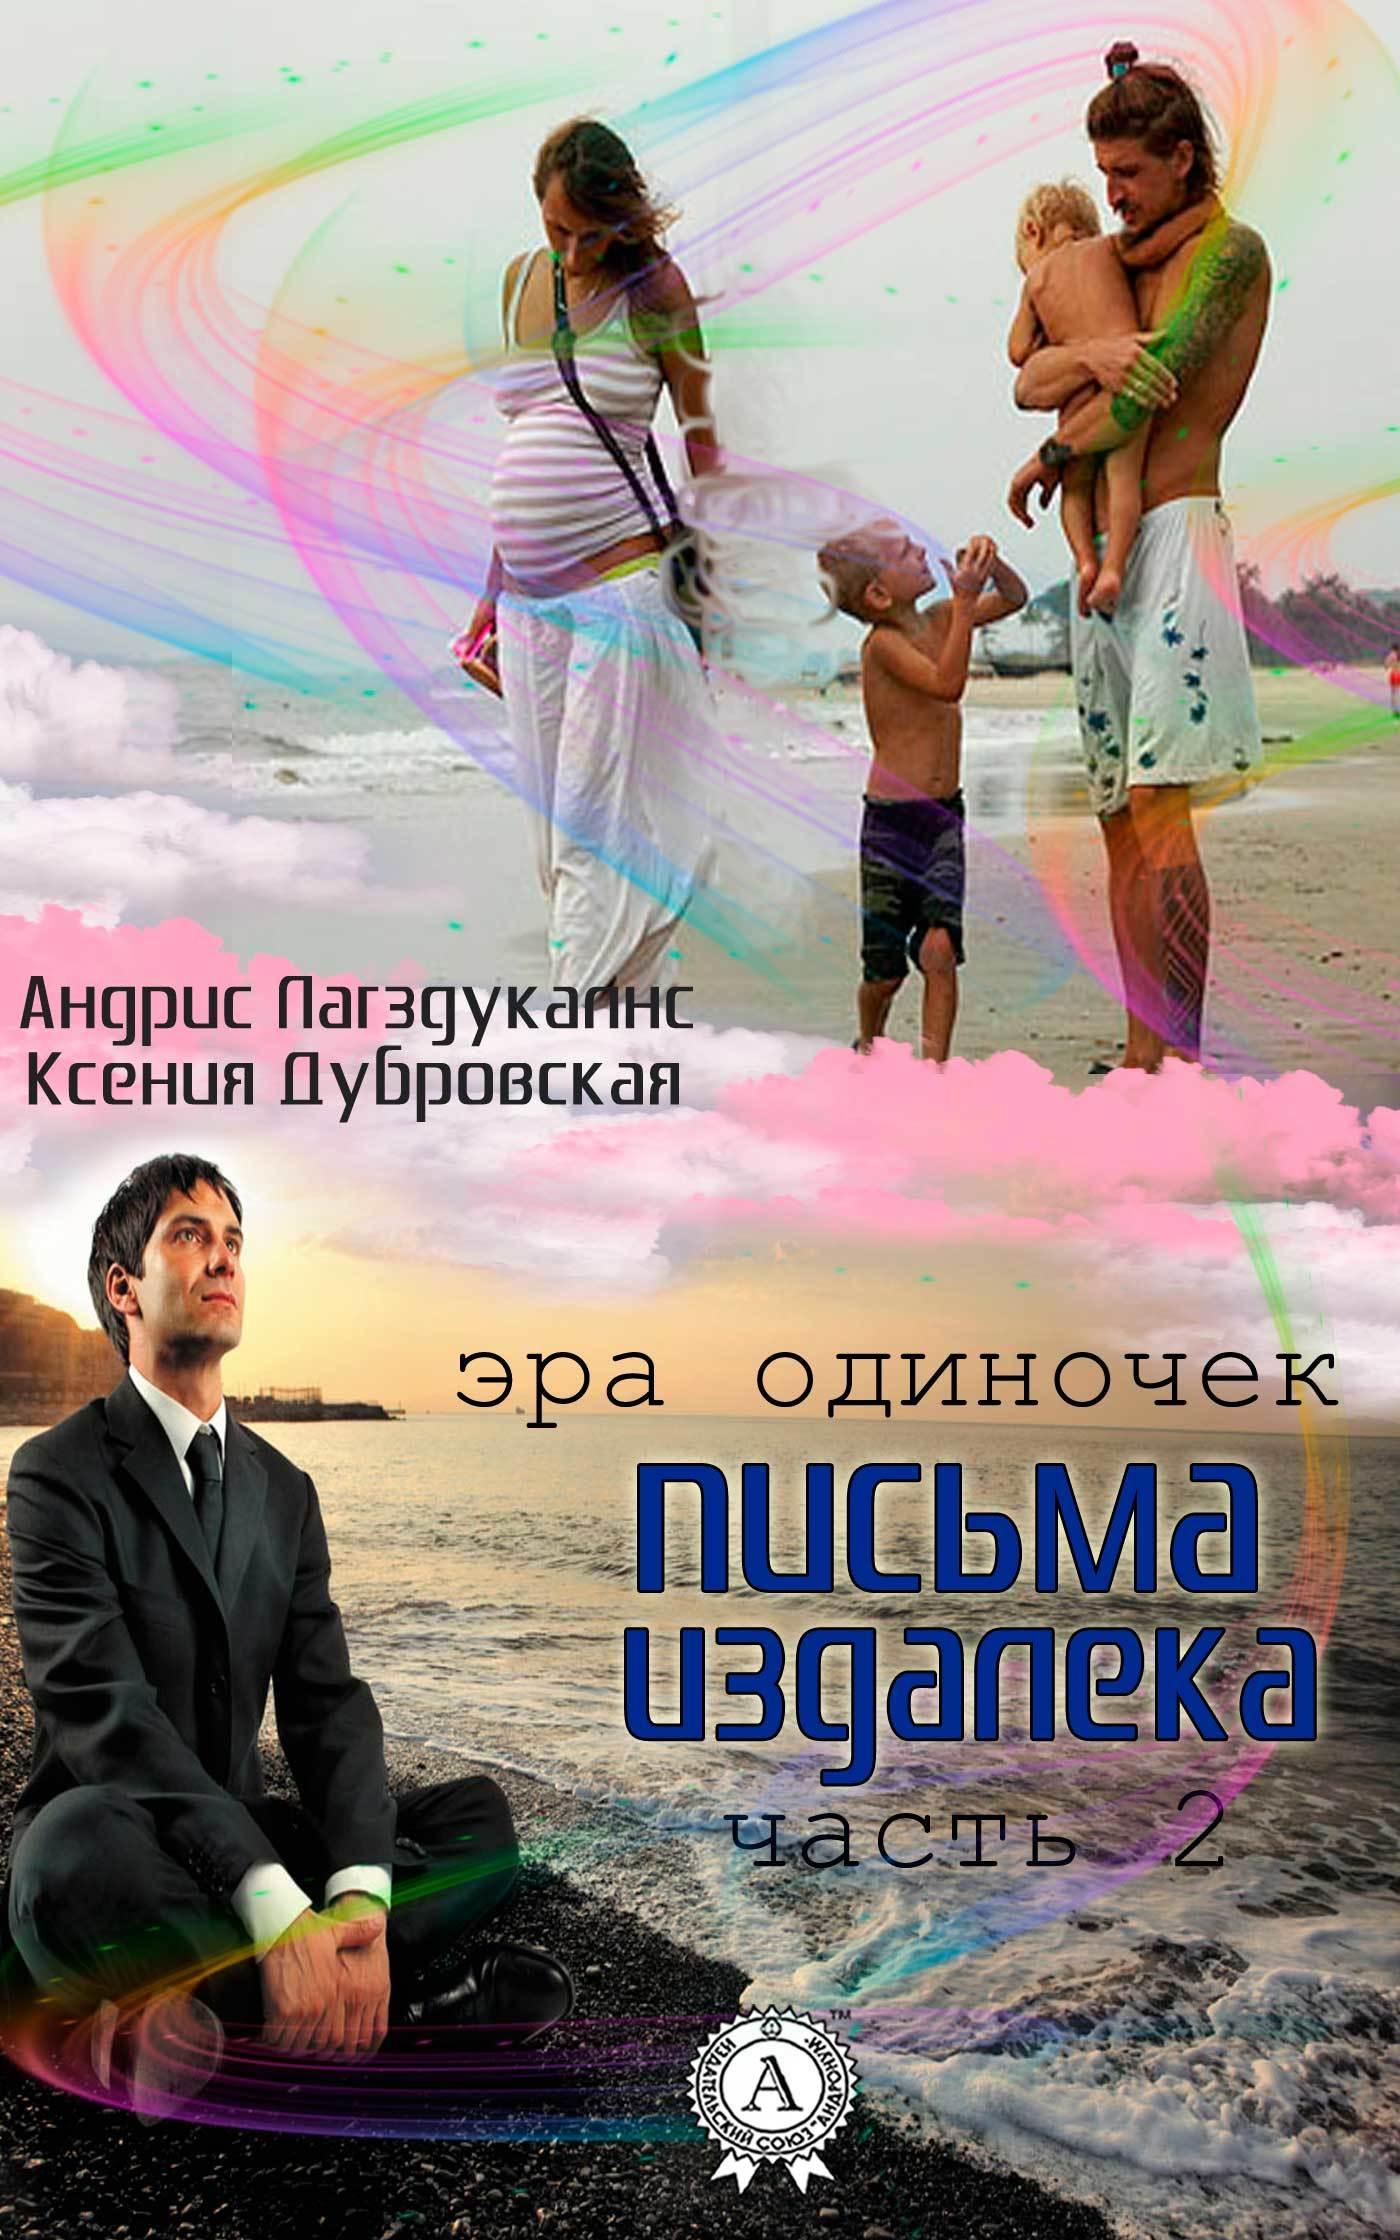 Андрис Лагздукалнс, Ксения Дубровская - Письма издалека (эра одиночек). Книга 2